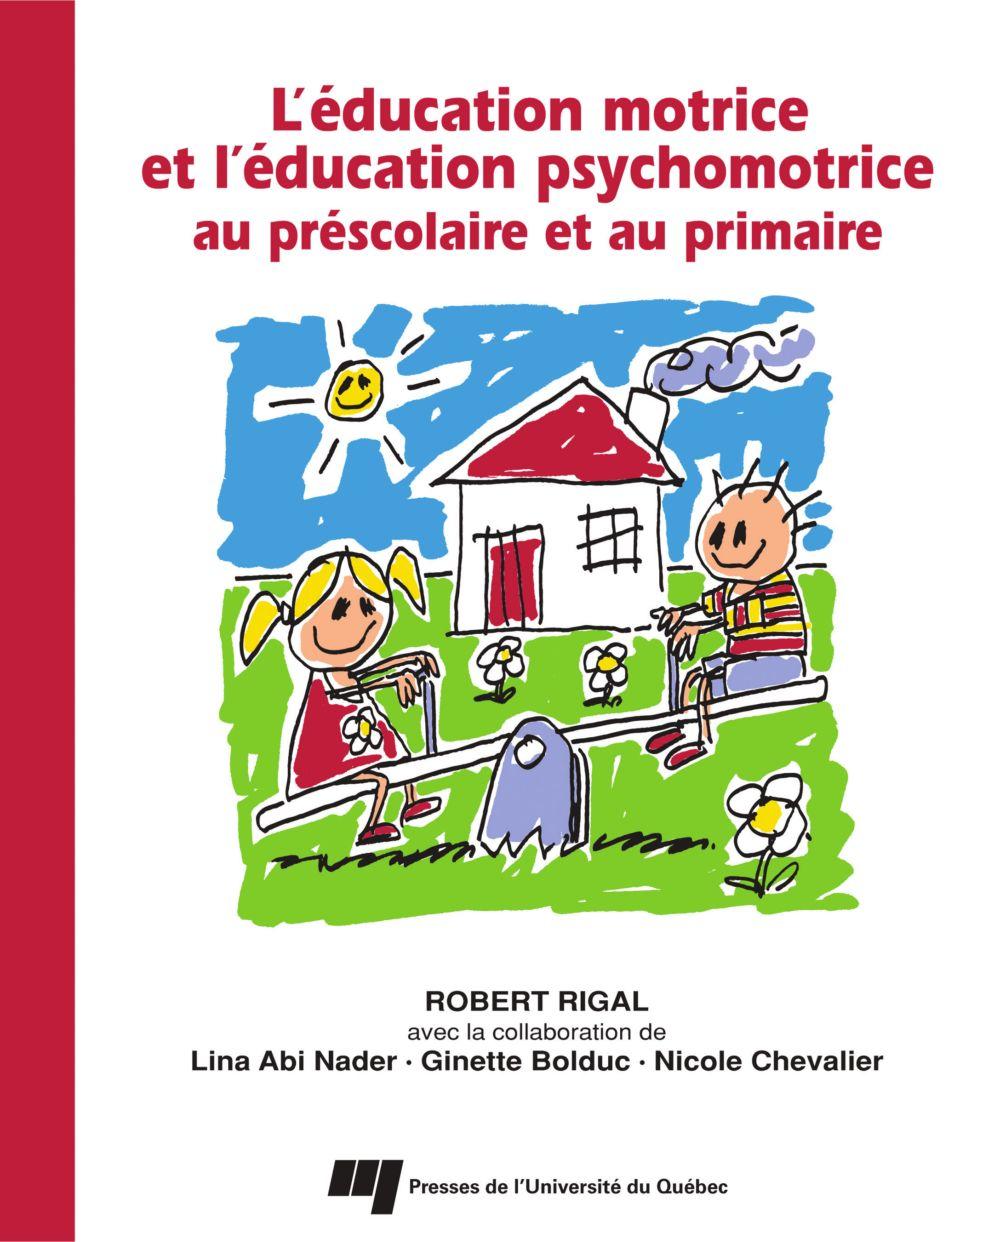 Éducation motrice et l'éducation psychomotrice au préscolaire et au primaire